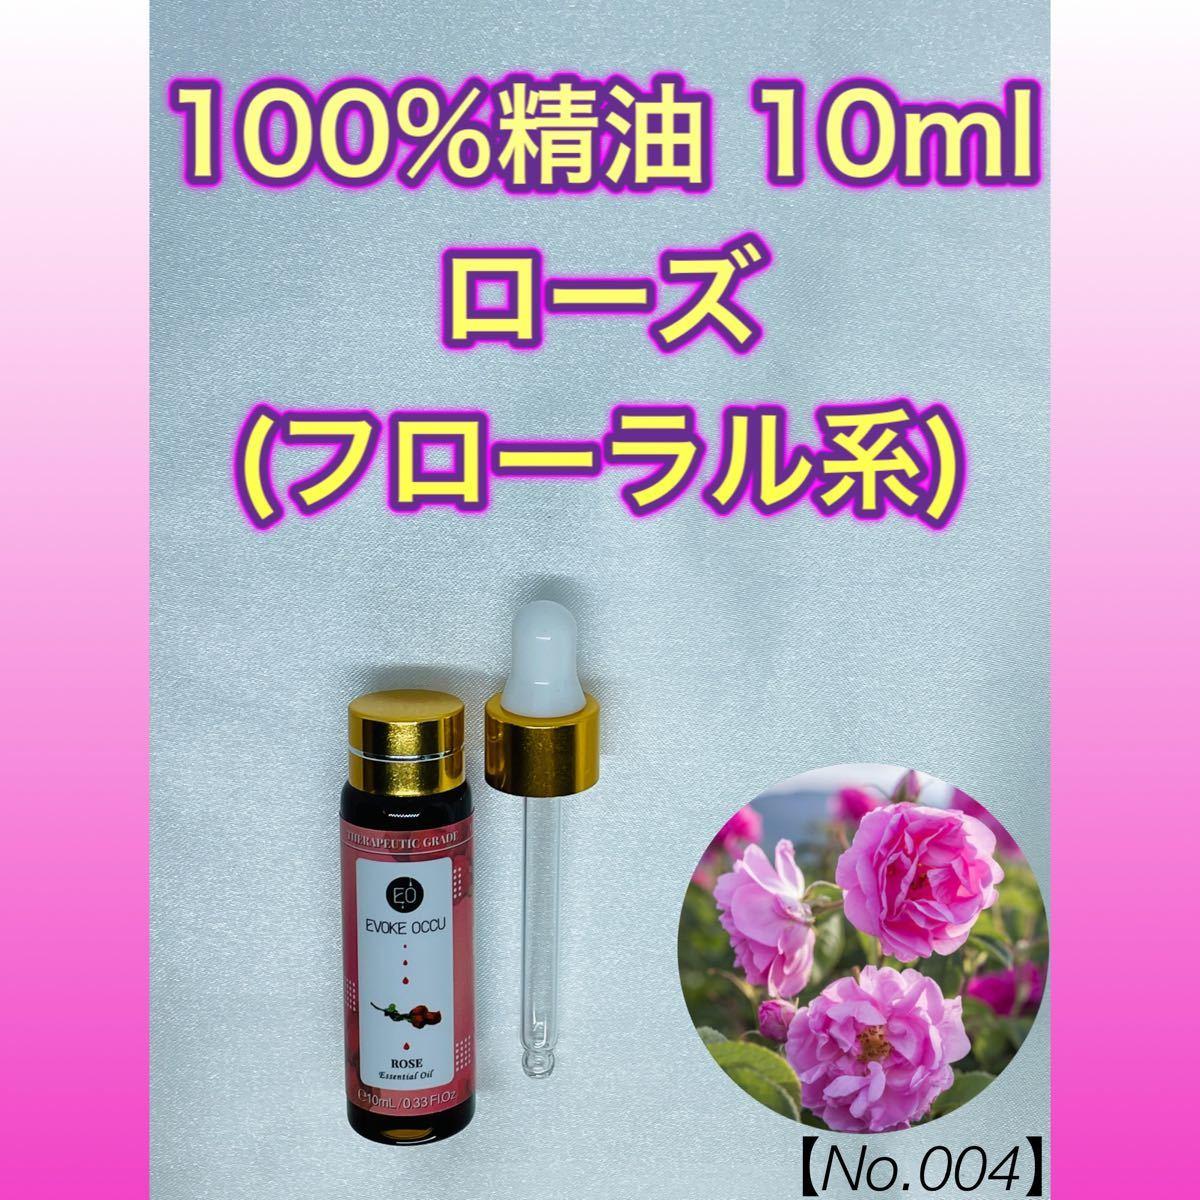 【No.004】ローズ 精油 10ml アロマオイル エッセンシャルオイル